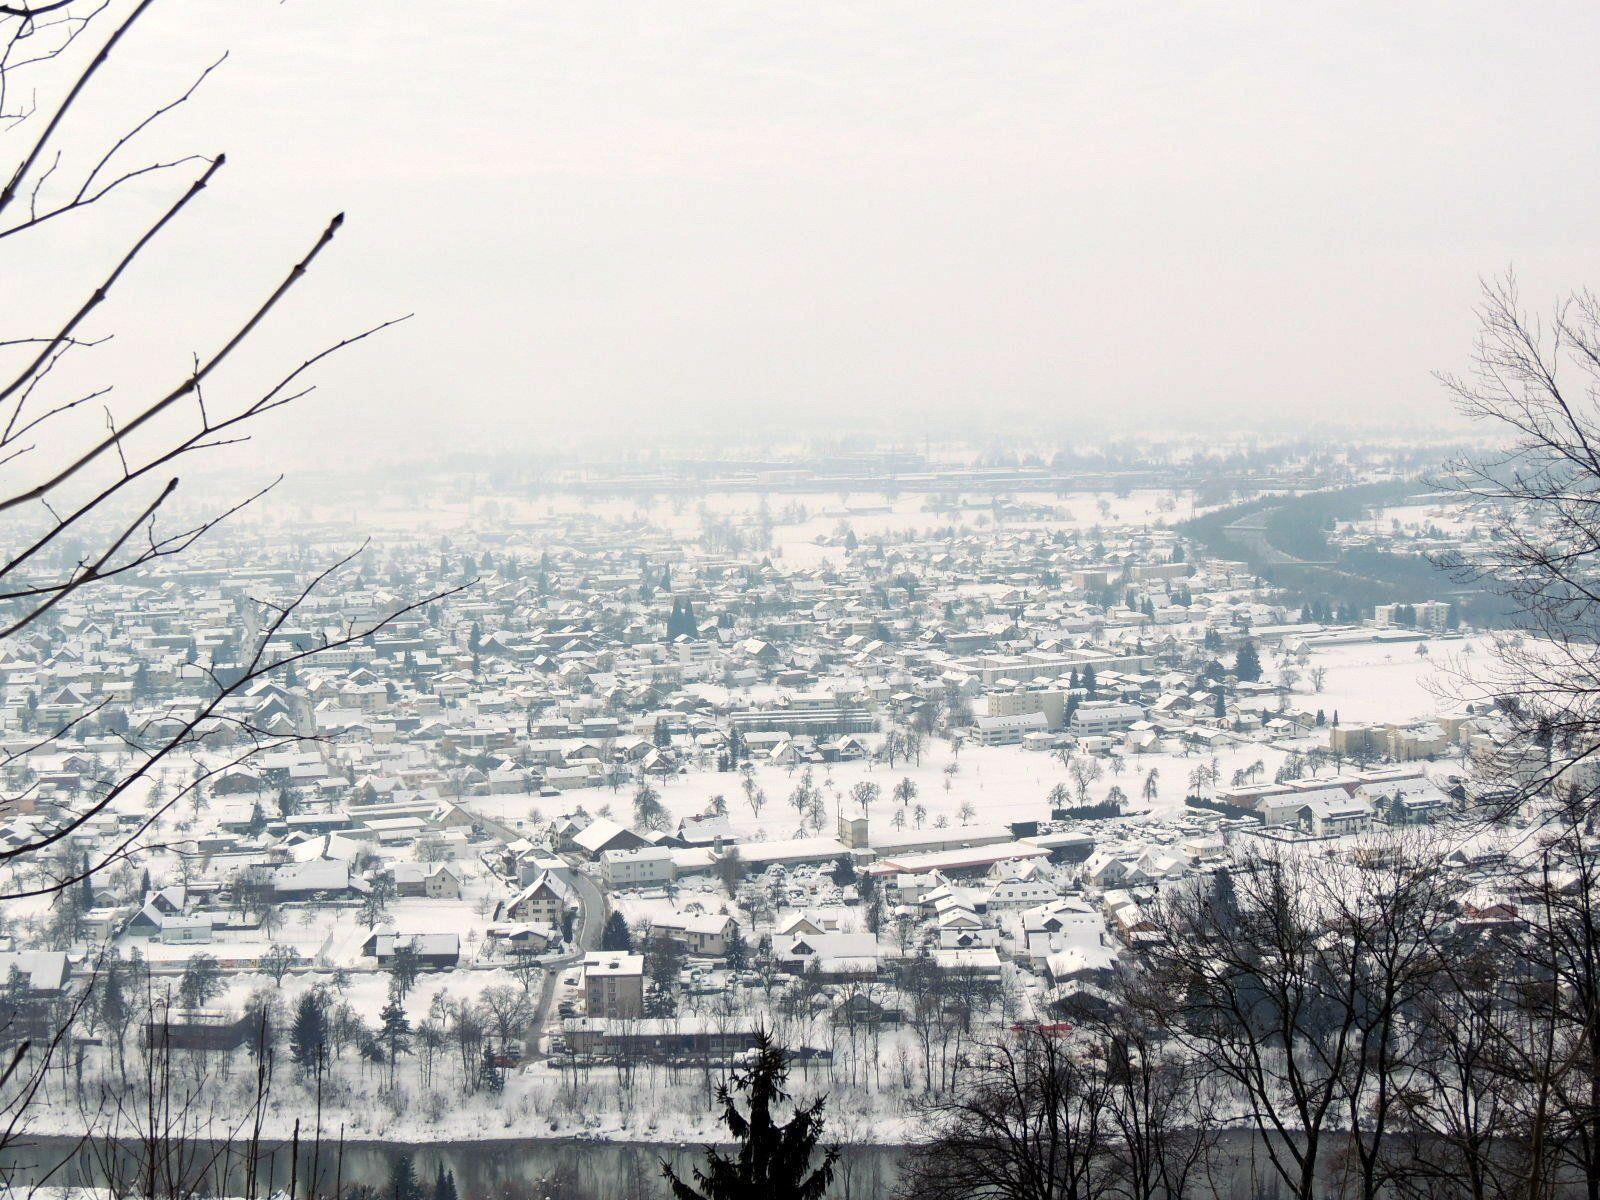 Seltener Anblick einer geschlossenen Schneedecke